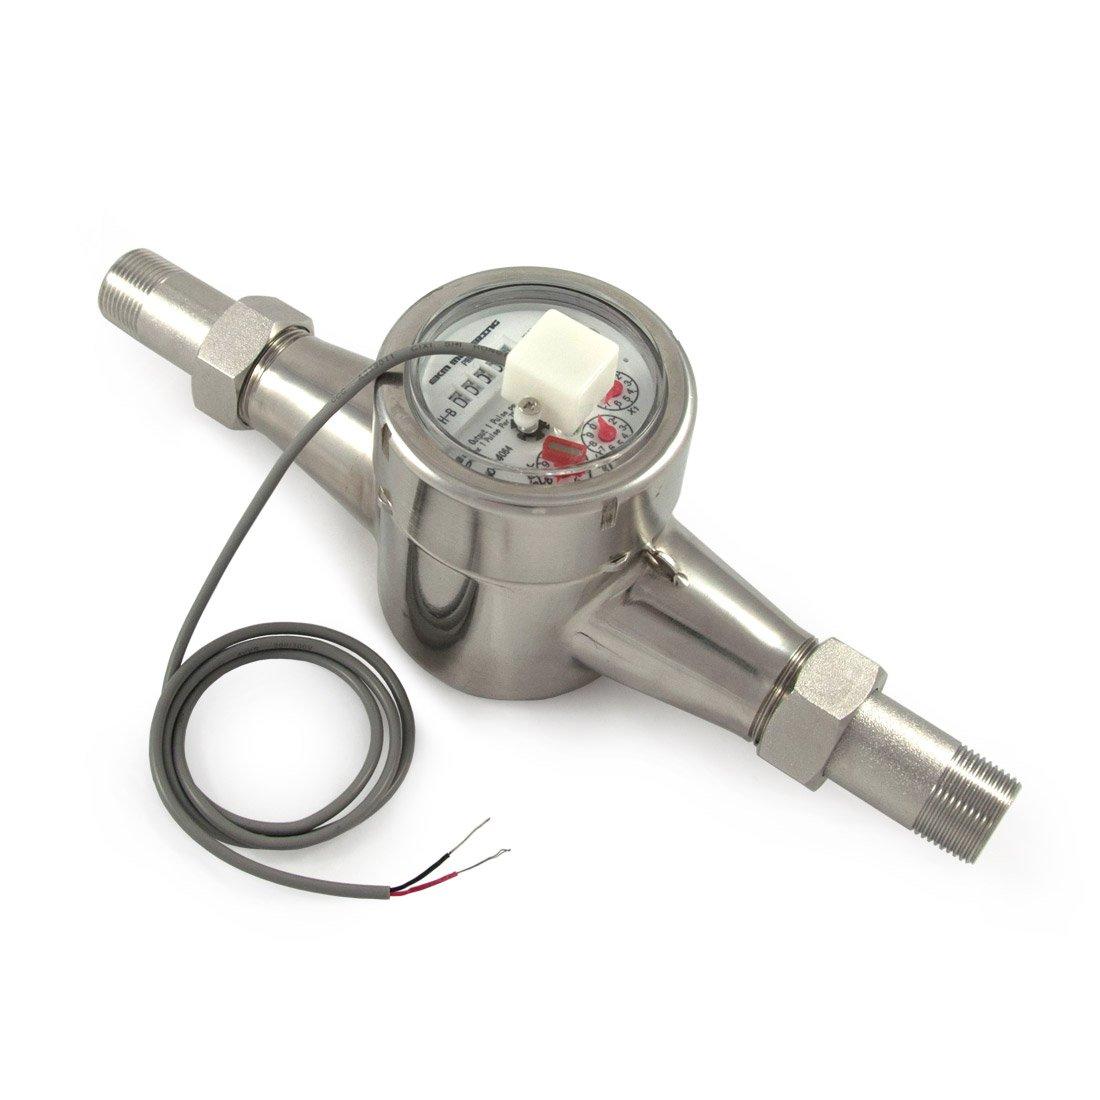 EKM Metering 3/4'' Water Meter - Stainless Steel, Pulse Output